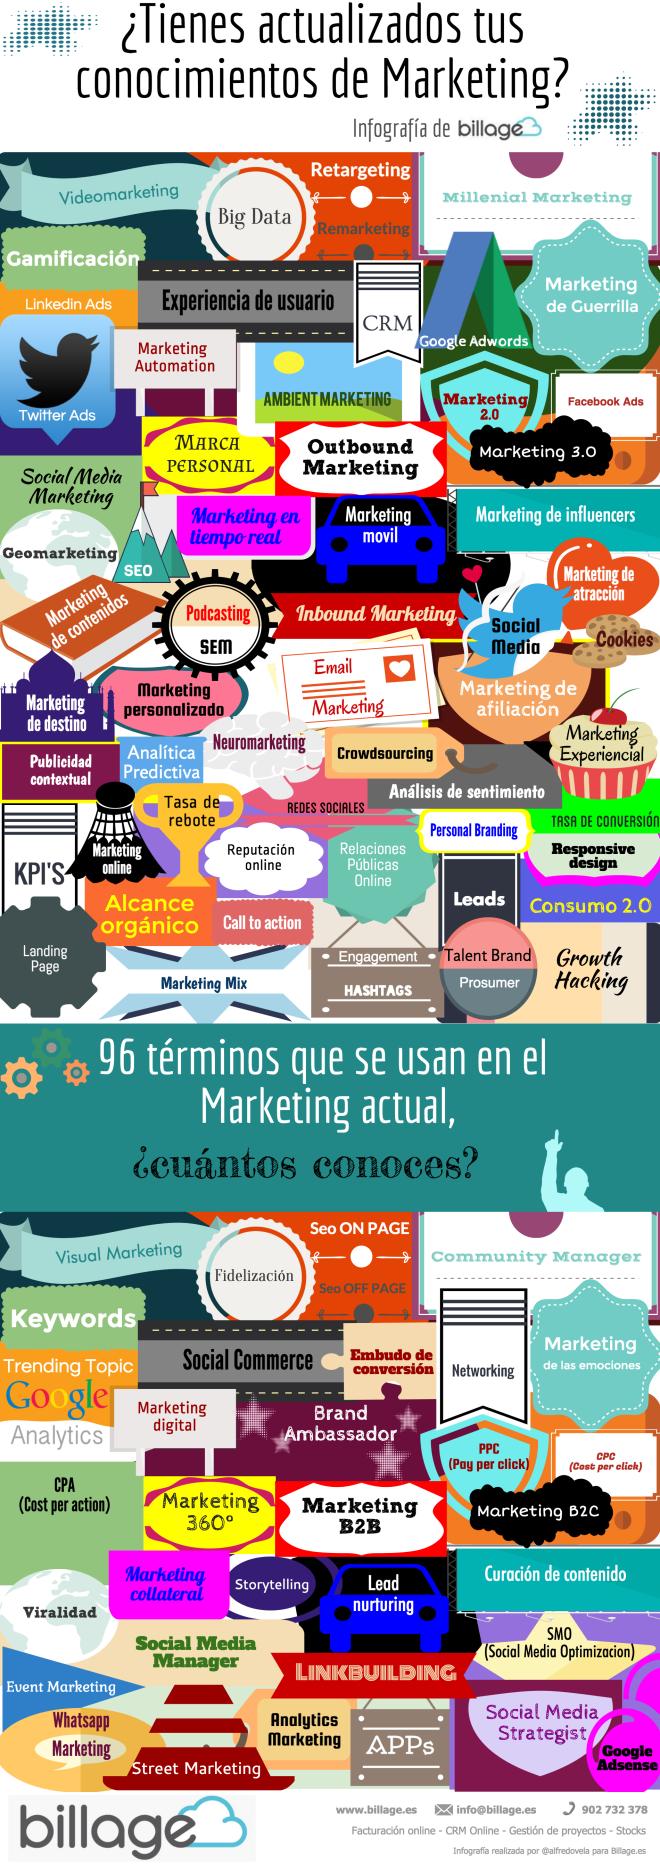 96 términos para conocer cuánto sabes del Marketing del siglo XXI